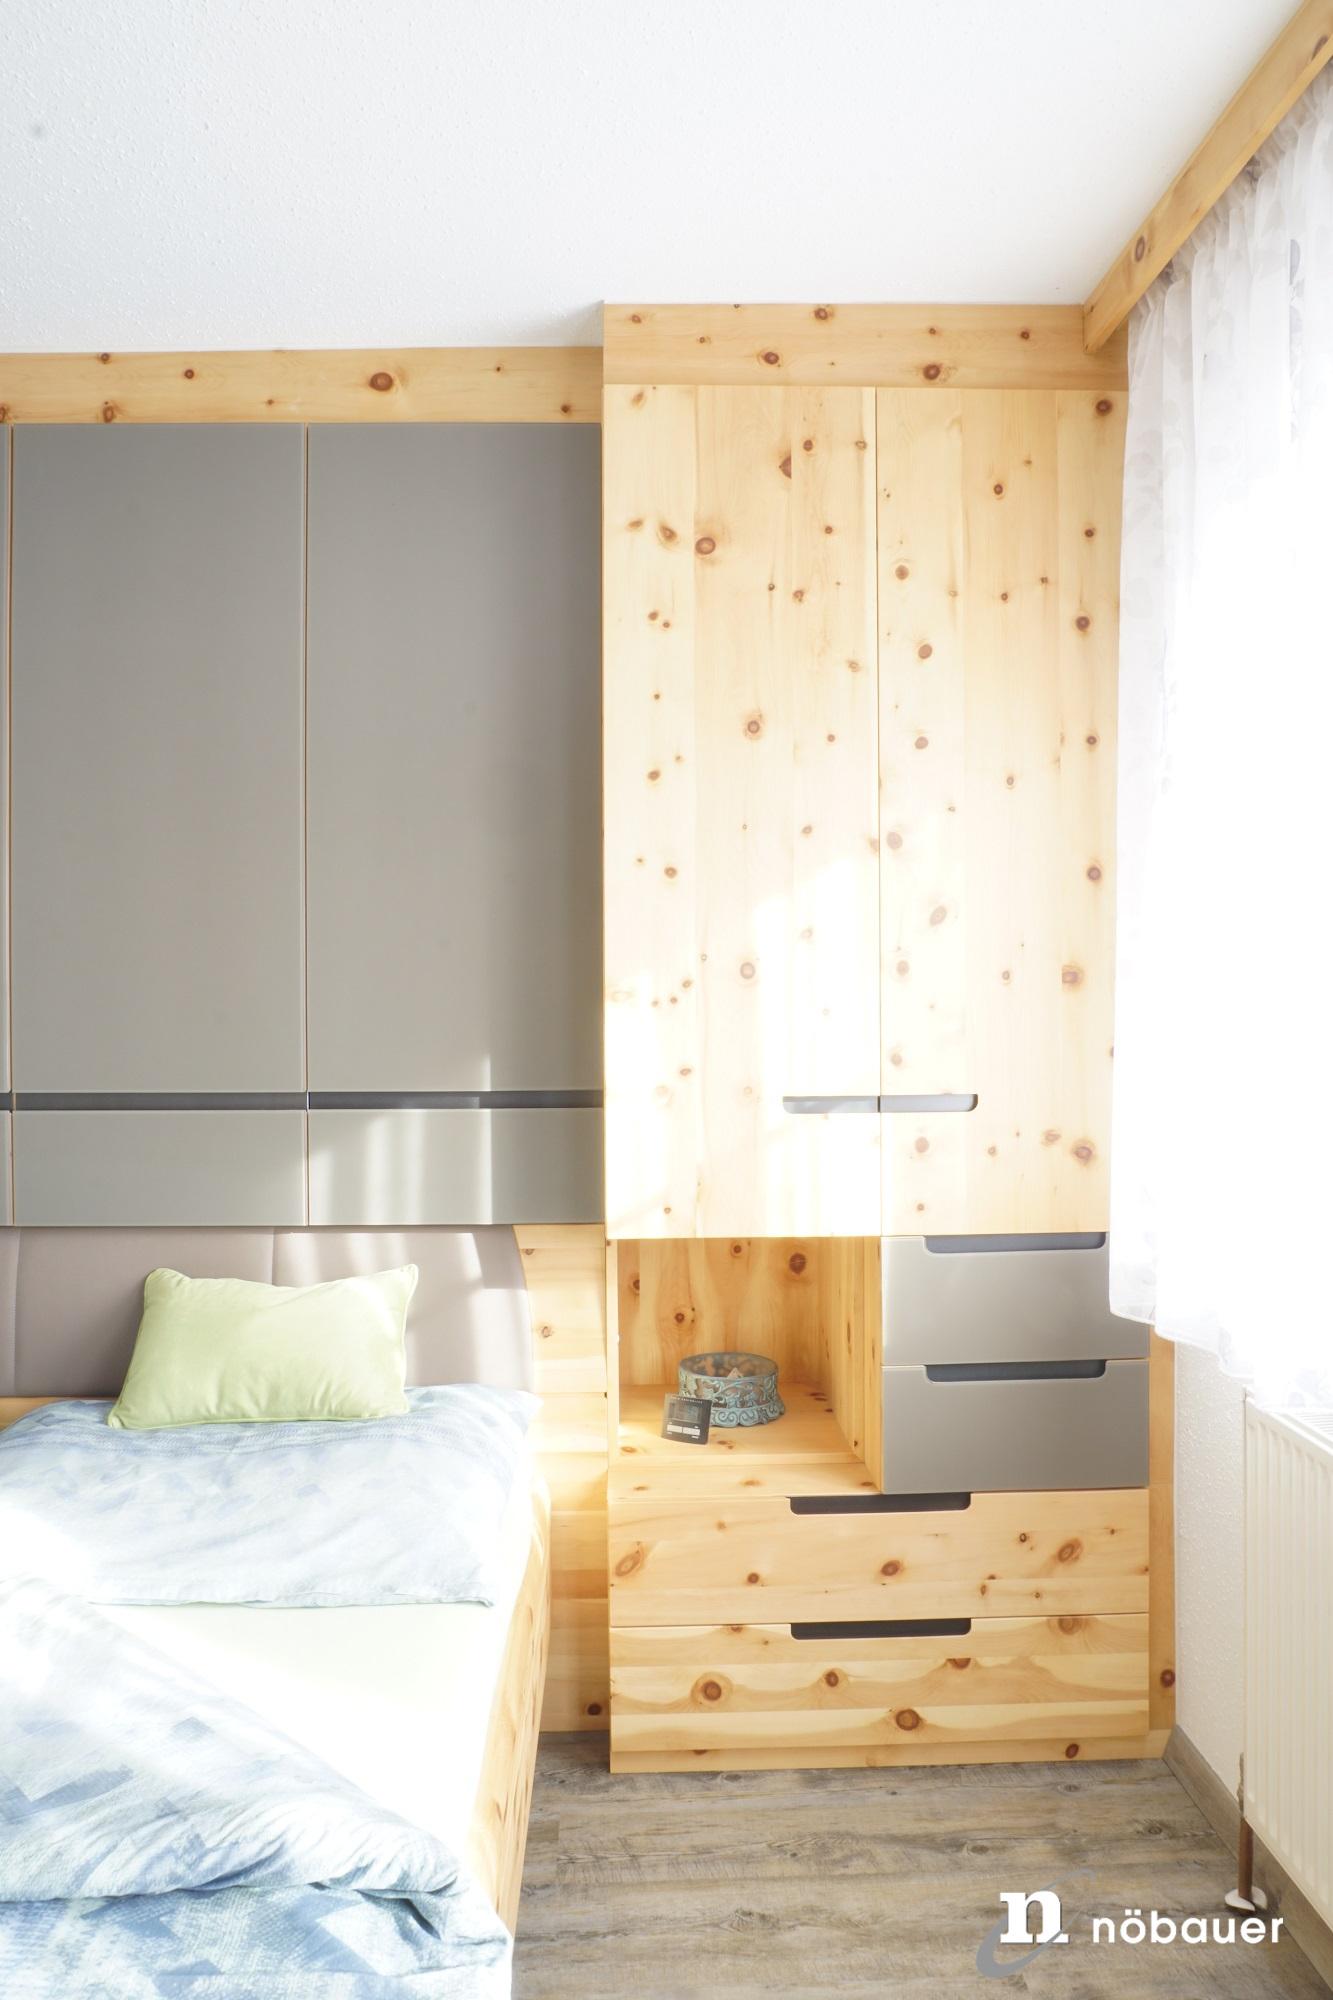 Referenz Schlafzimmer in Zirbe - Innenarchitektur Nöbauer